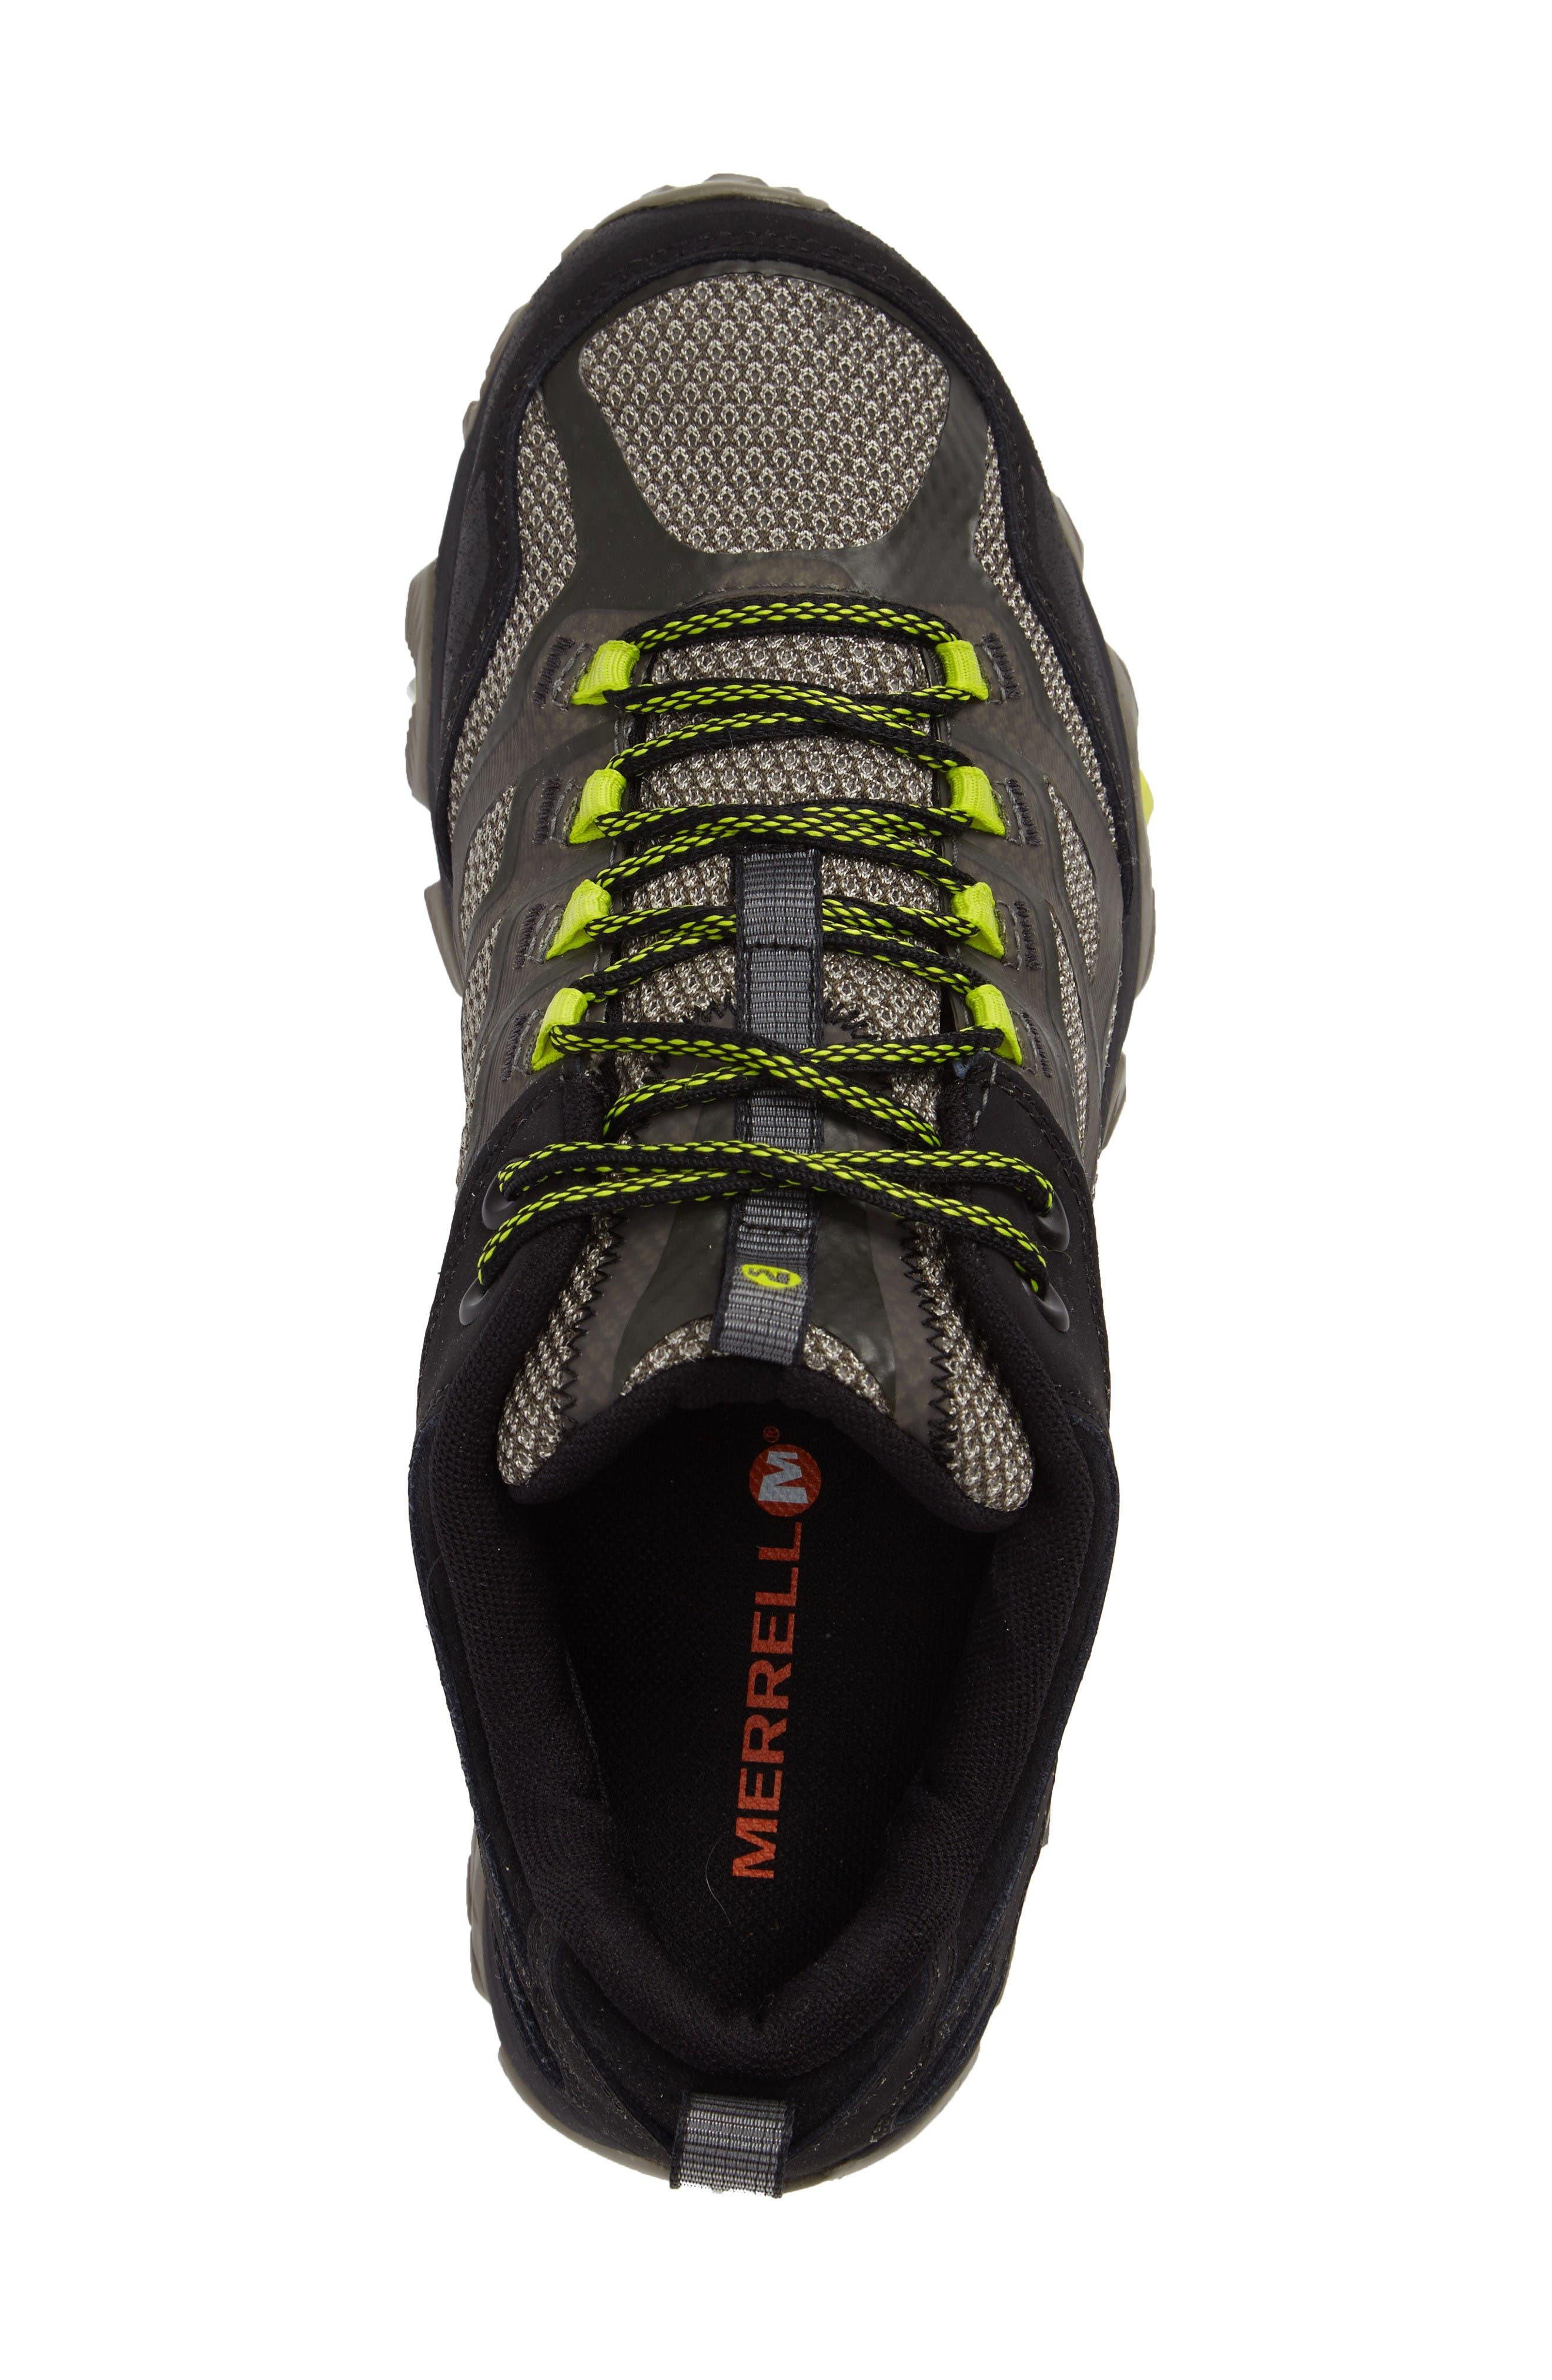 Alternate Image 3  - Merrell Moab FST Waterproof Hiking Shoe (Men)